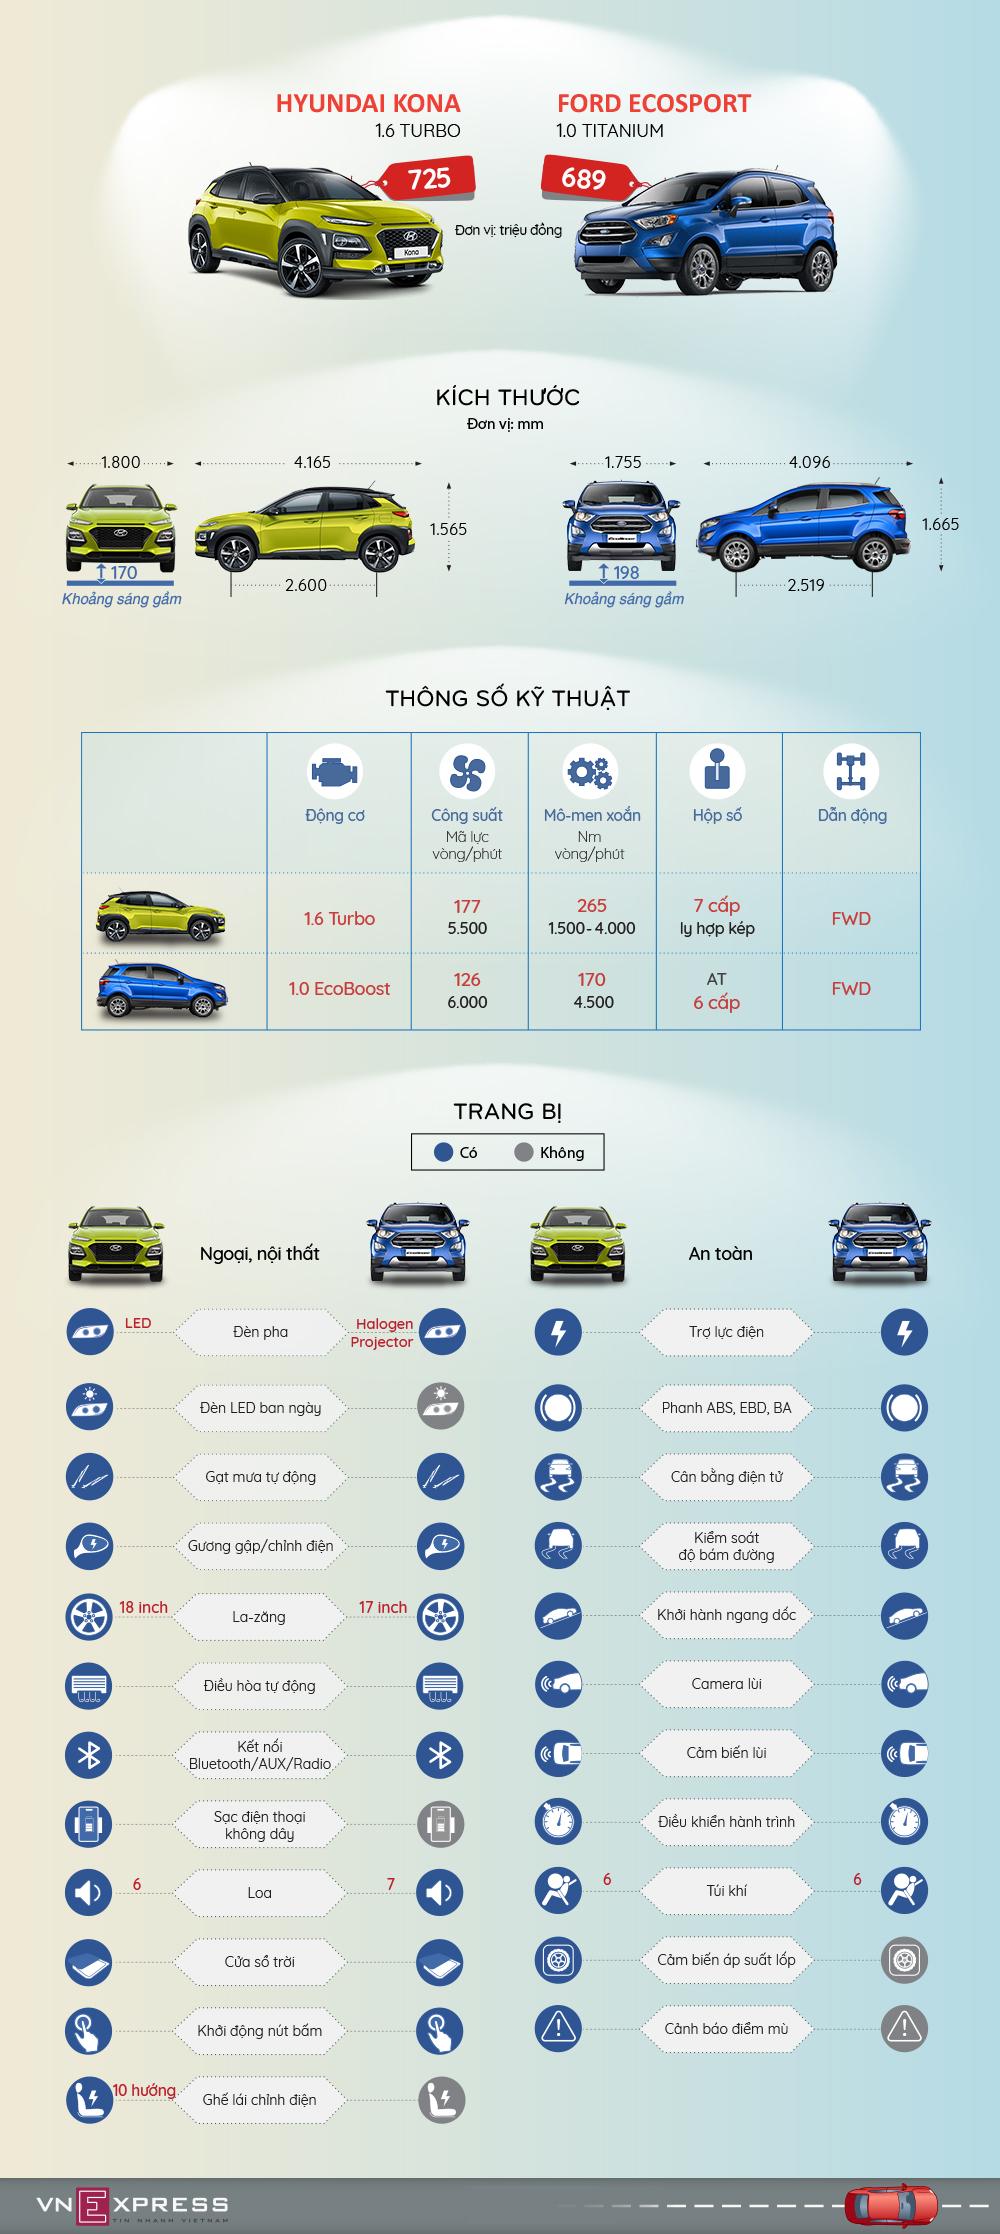 Xe gầm cao cỡ nhỏ - chọn Ford EcoSport hay Hyundai Kona